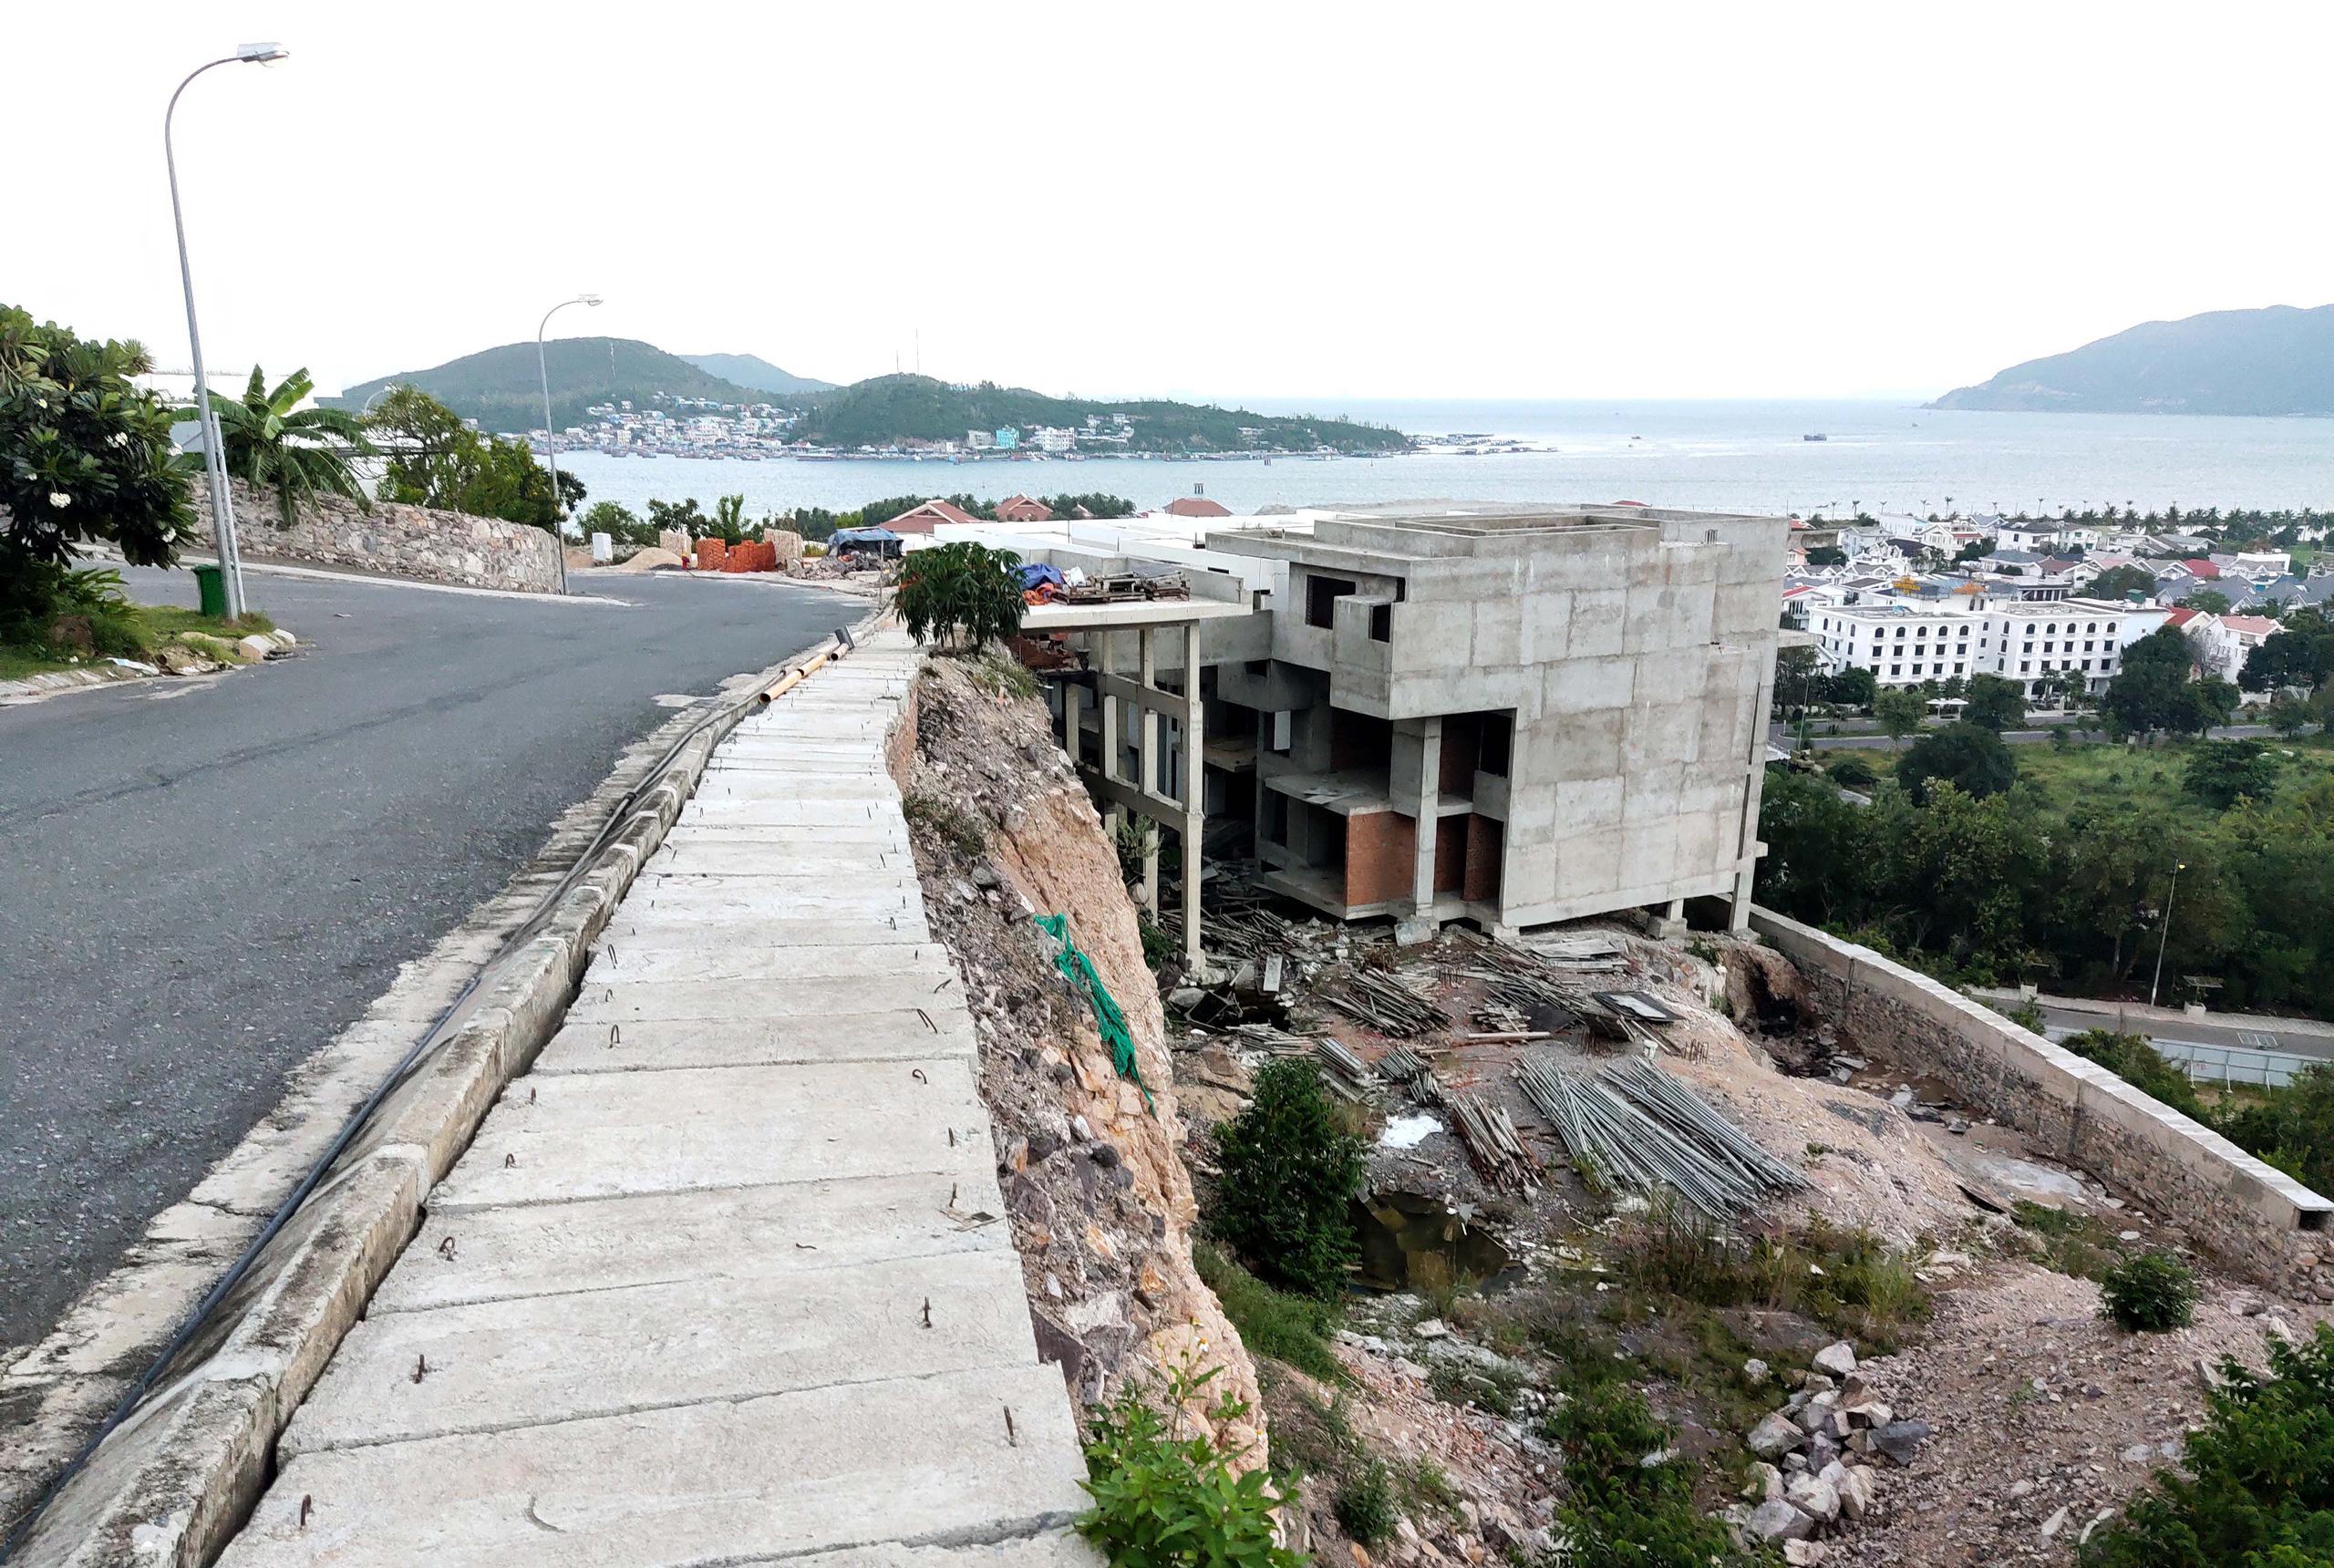 Nha Trang: Xẻ núi xây biệt thự triệu đô - Ảnh 11.